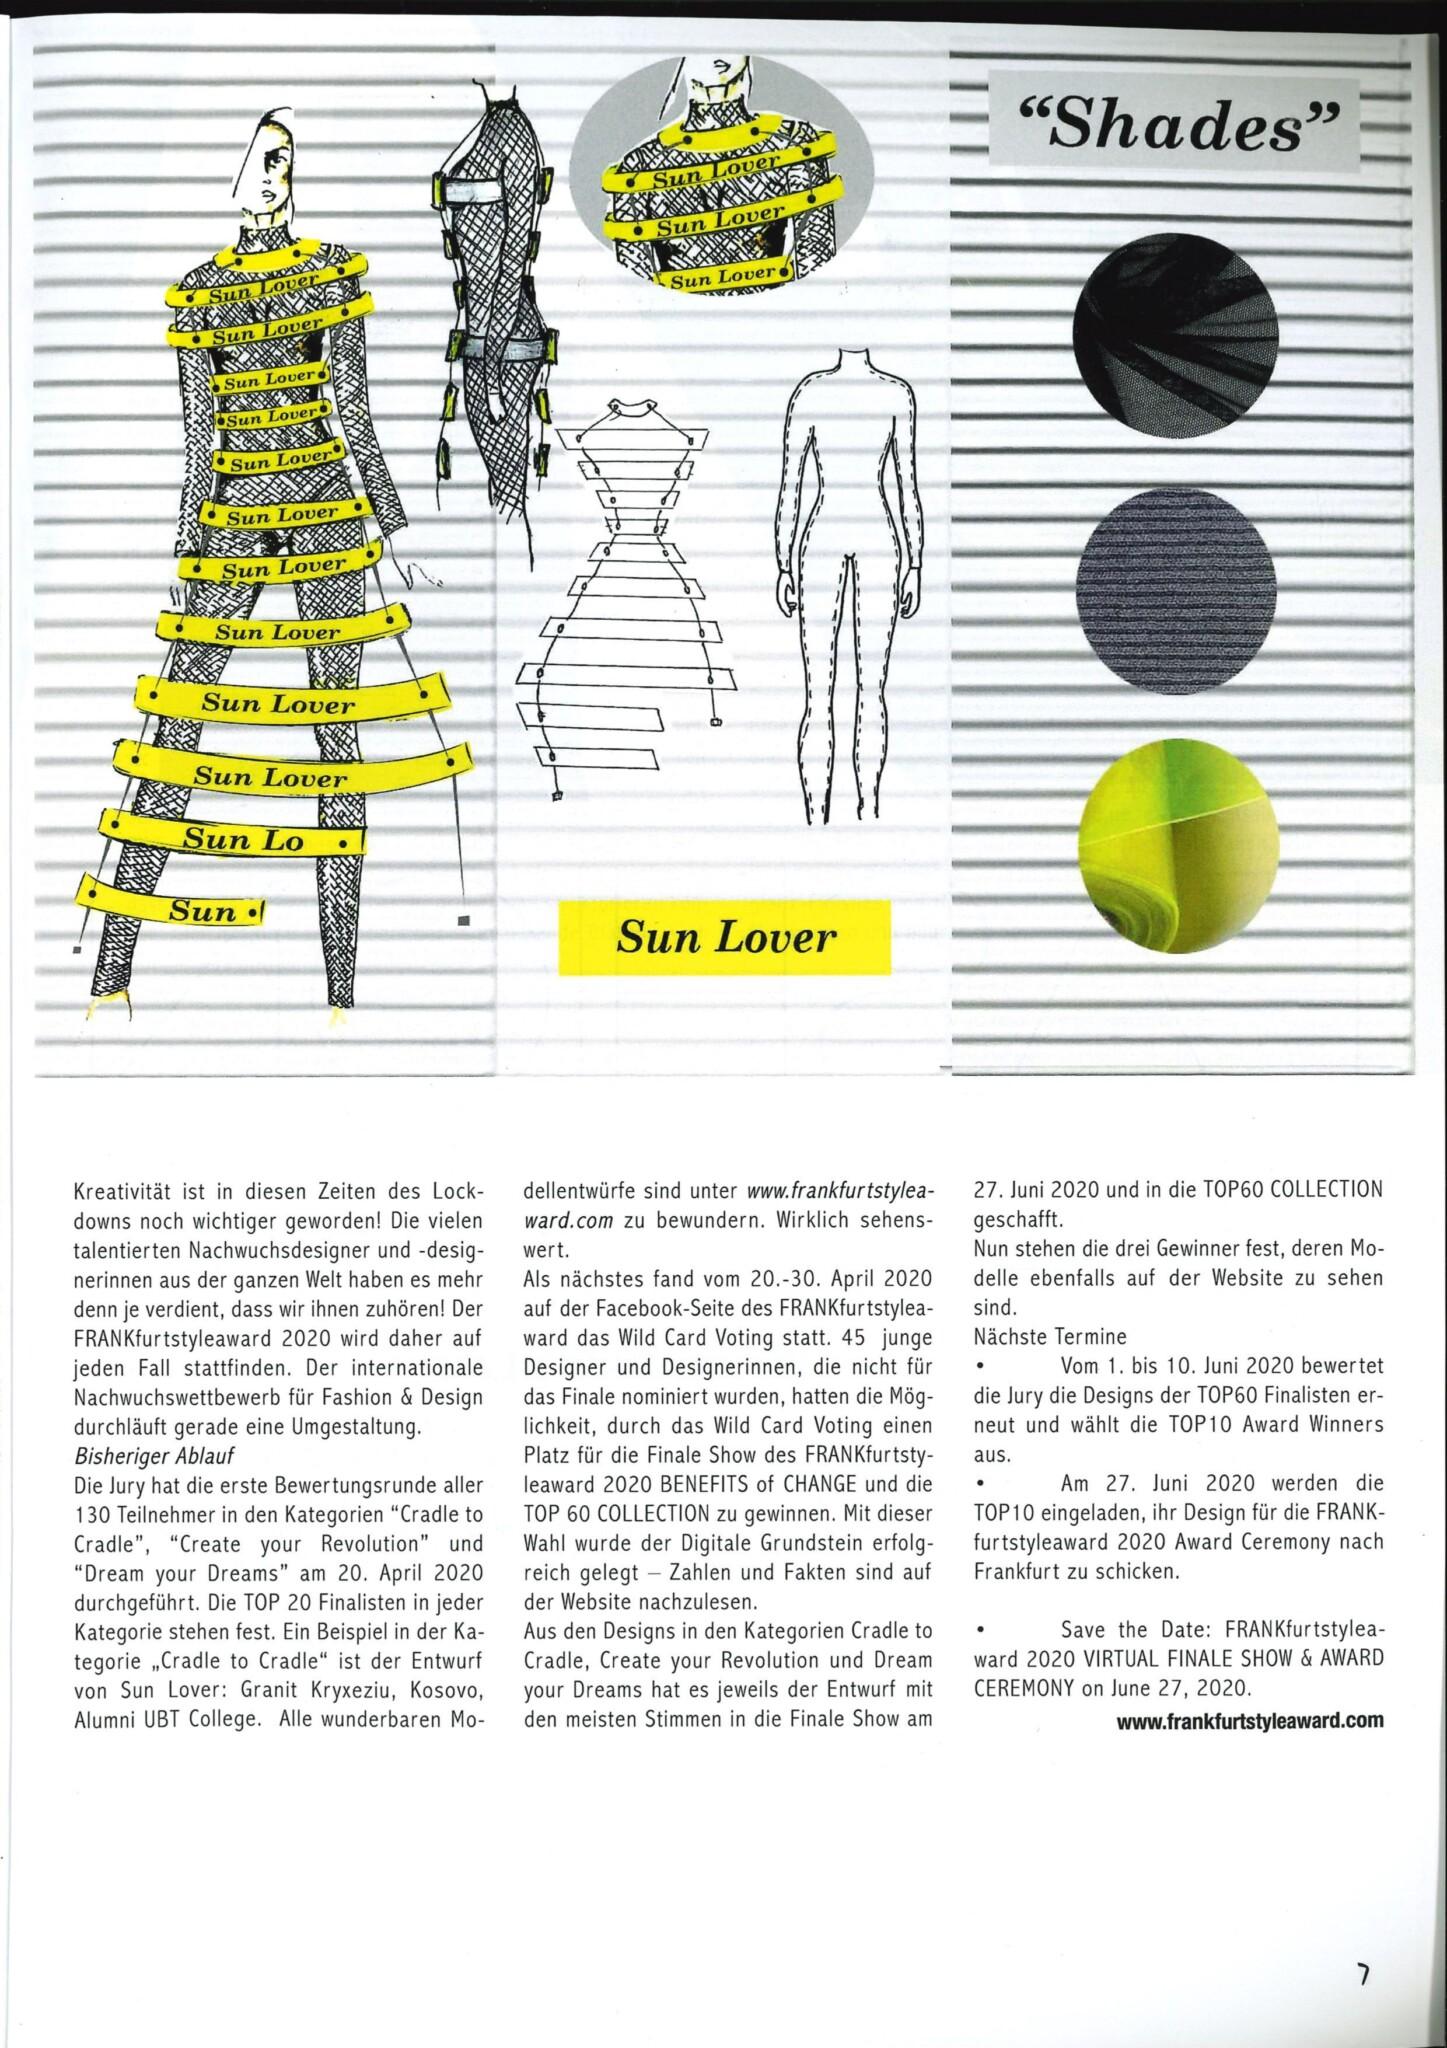 FASHION GUIDE Magazin vom 10. August 2020